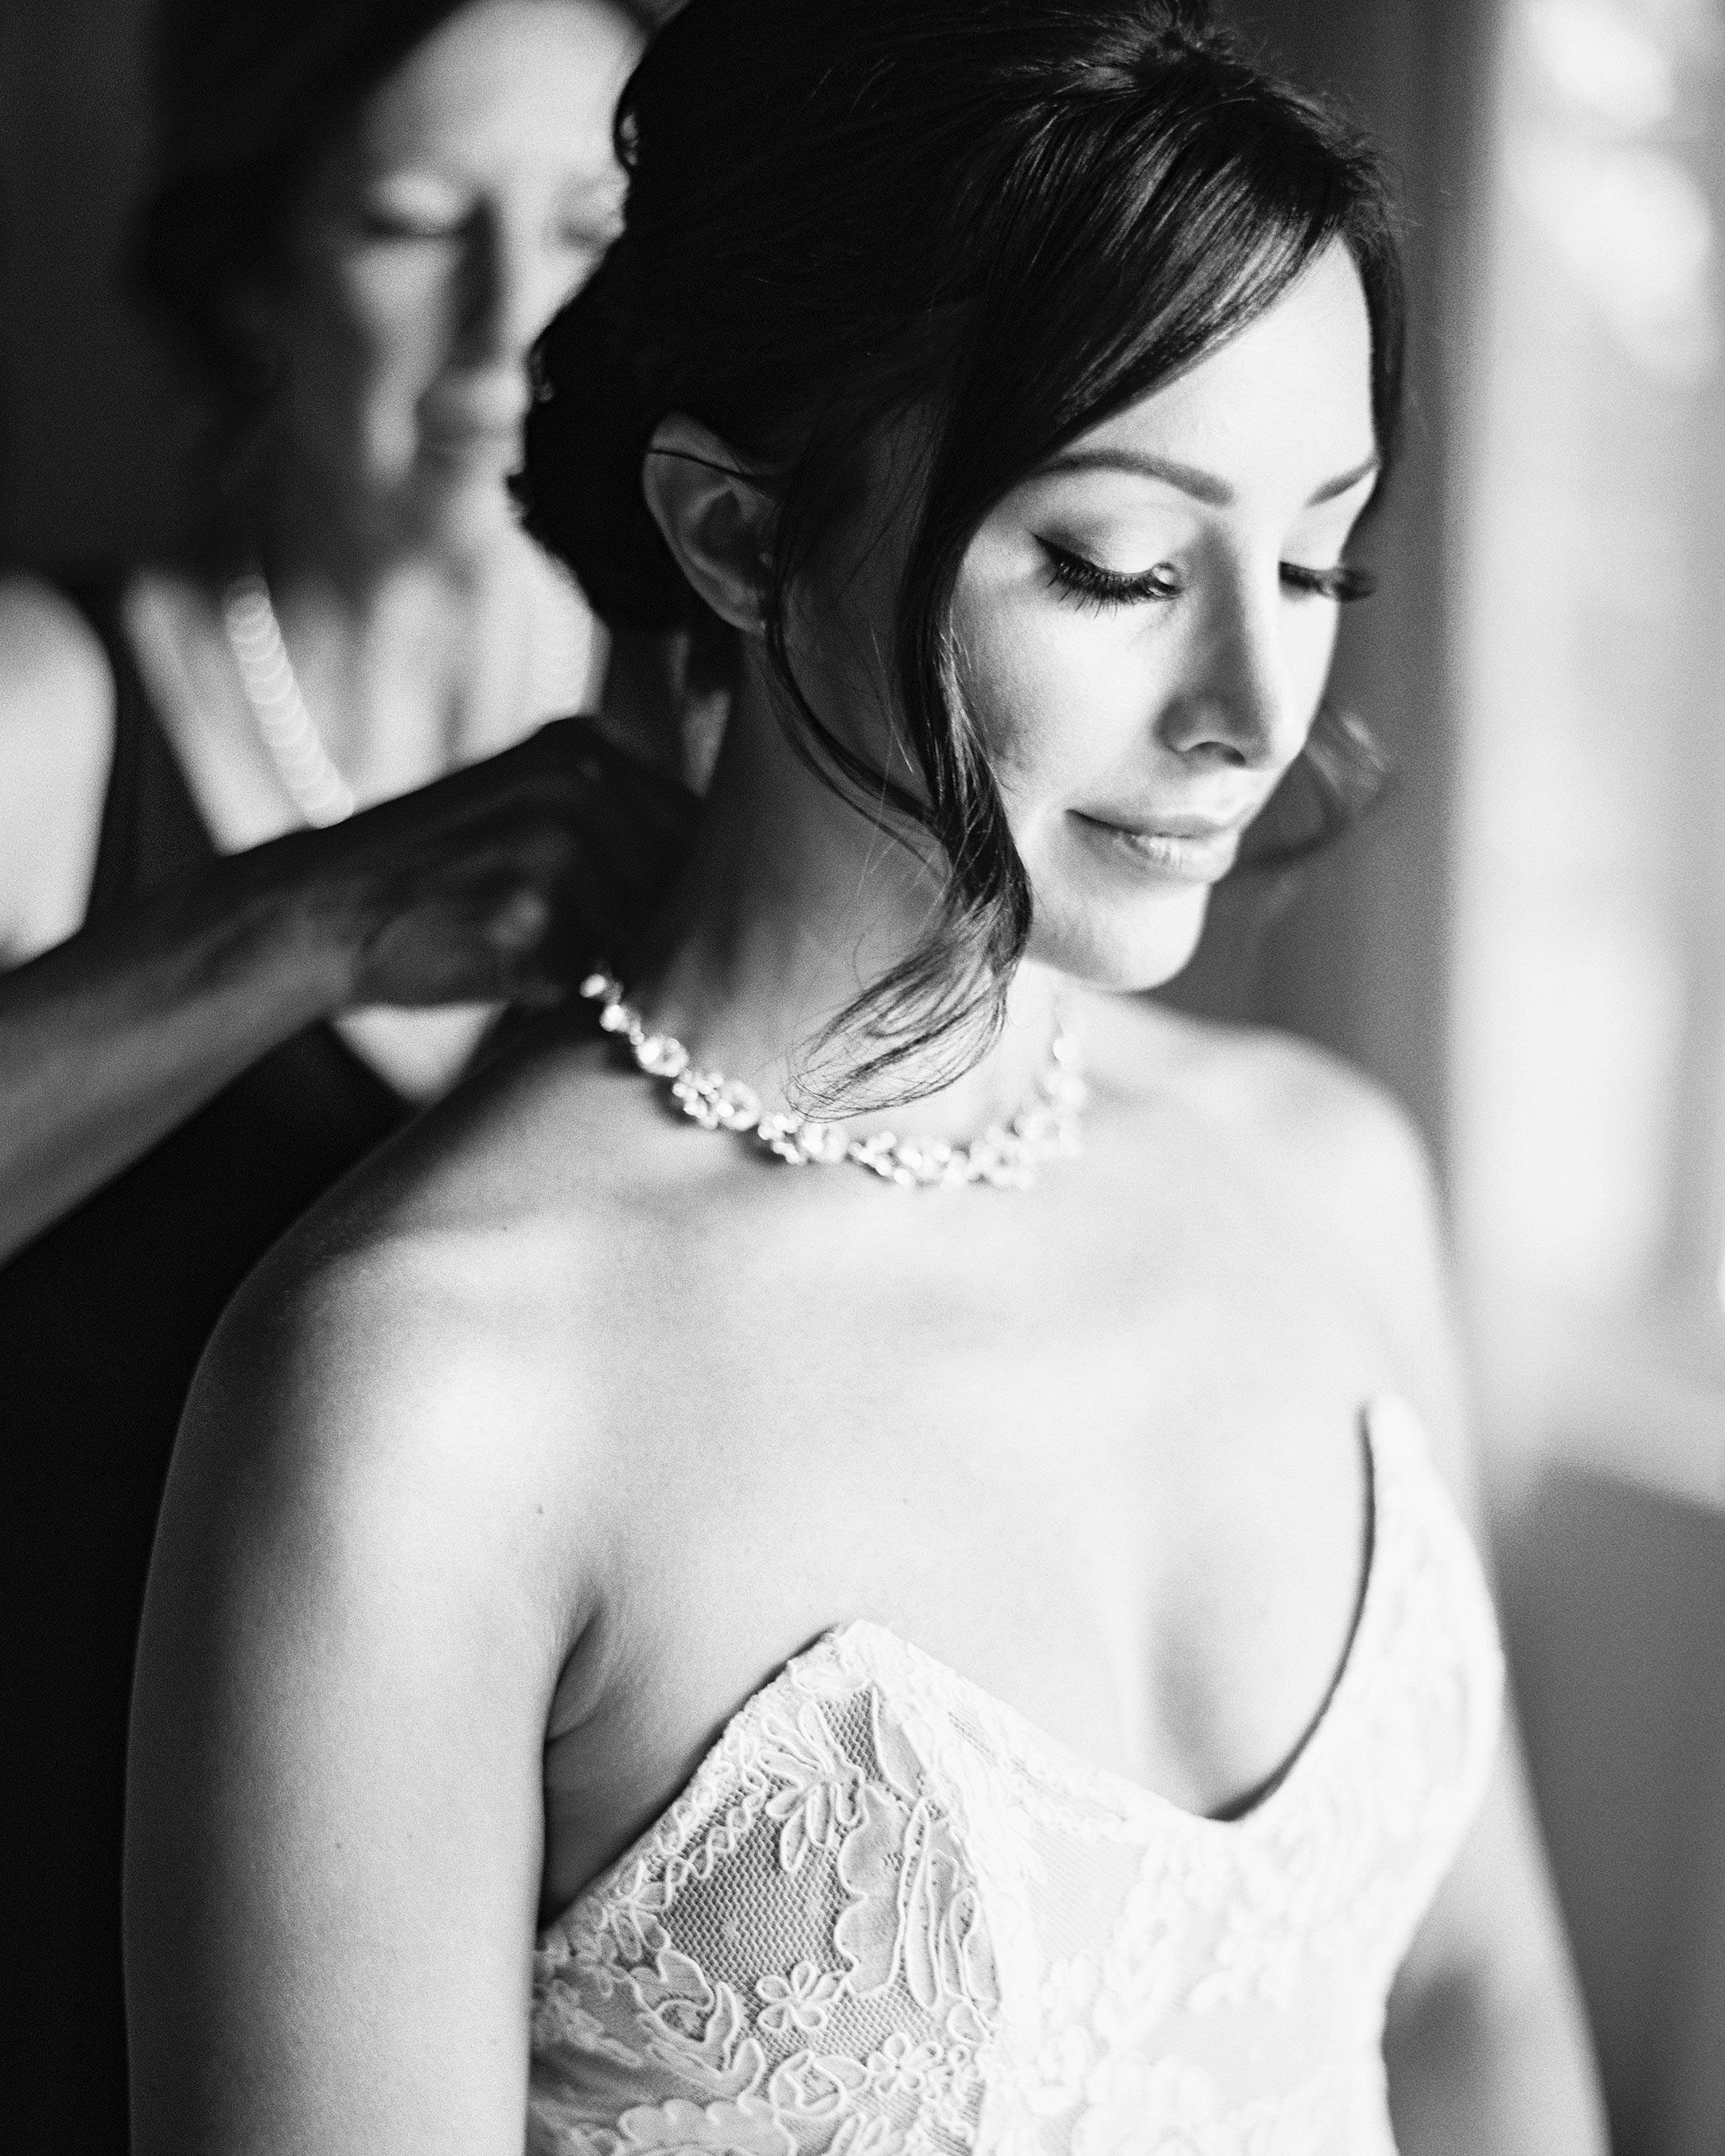 bride-getting-ready-wedding-photo-ashley-kelemen-0716.jpg